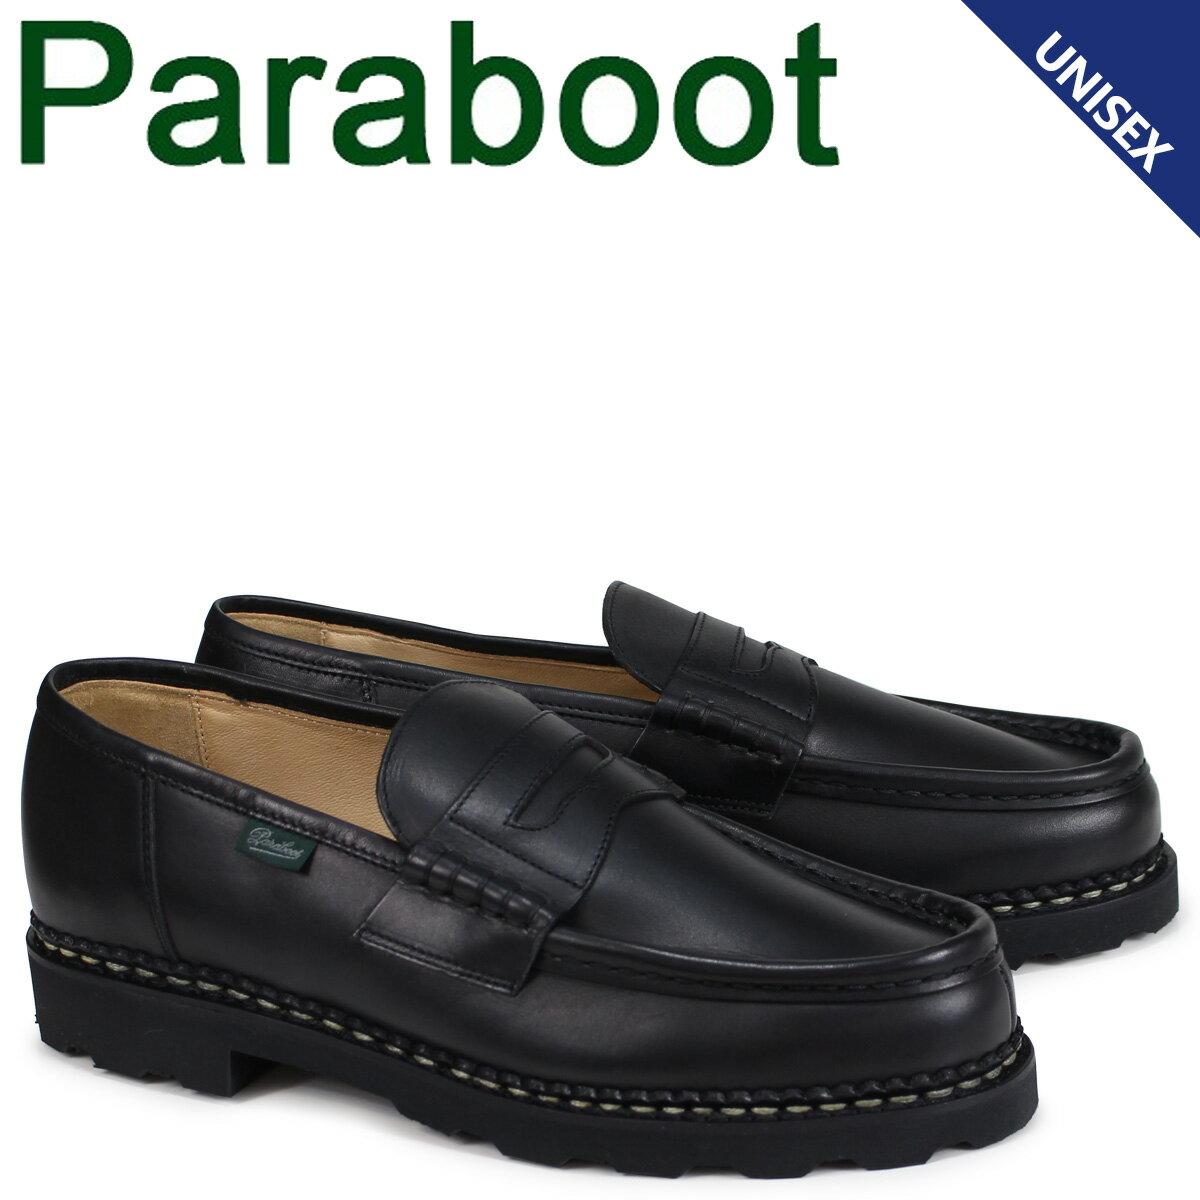 パラブーツ ランス PARABOOT REIMS シューズ ローファー 099412 メンズ レディース ブラック